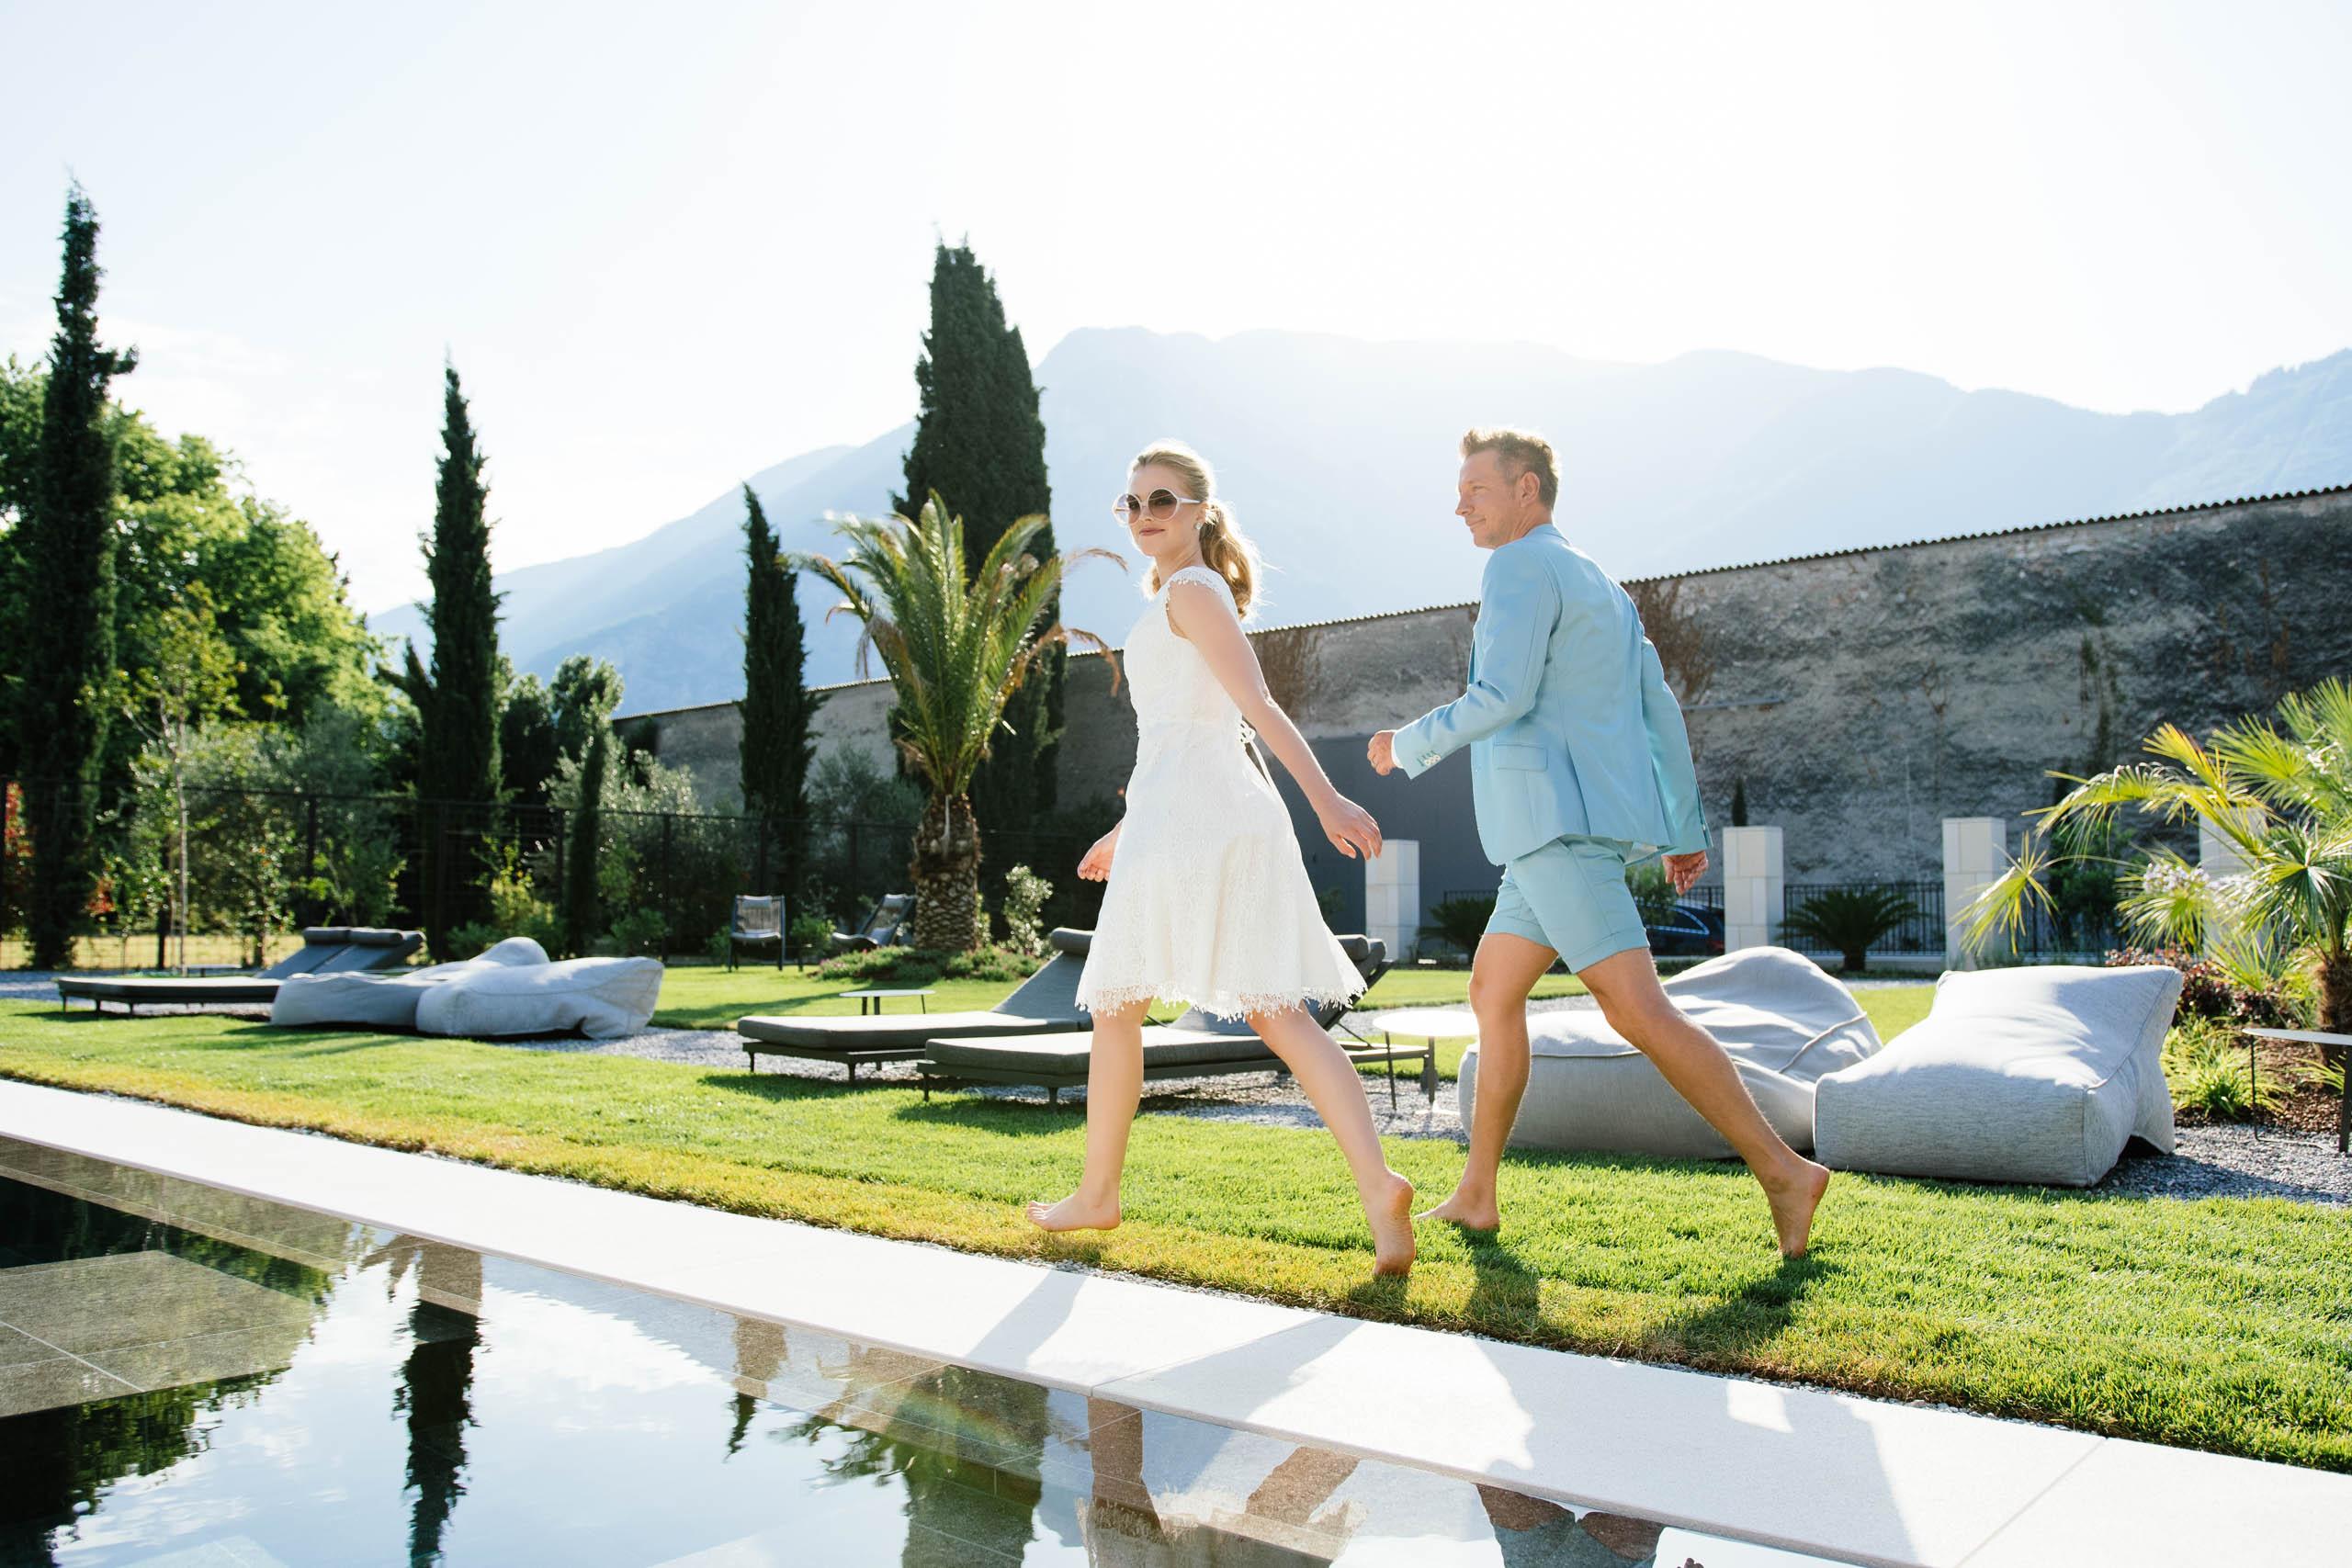 Brautpaar barfuß am Pool, Braut mit Sonnenbrille im kurzen Brautkleid, Bräutigam im kurzen Anzug